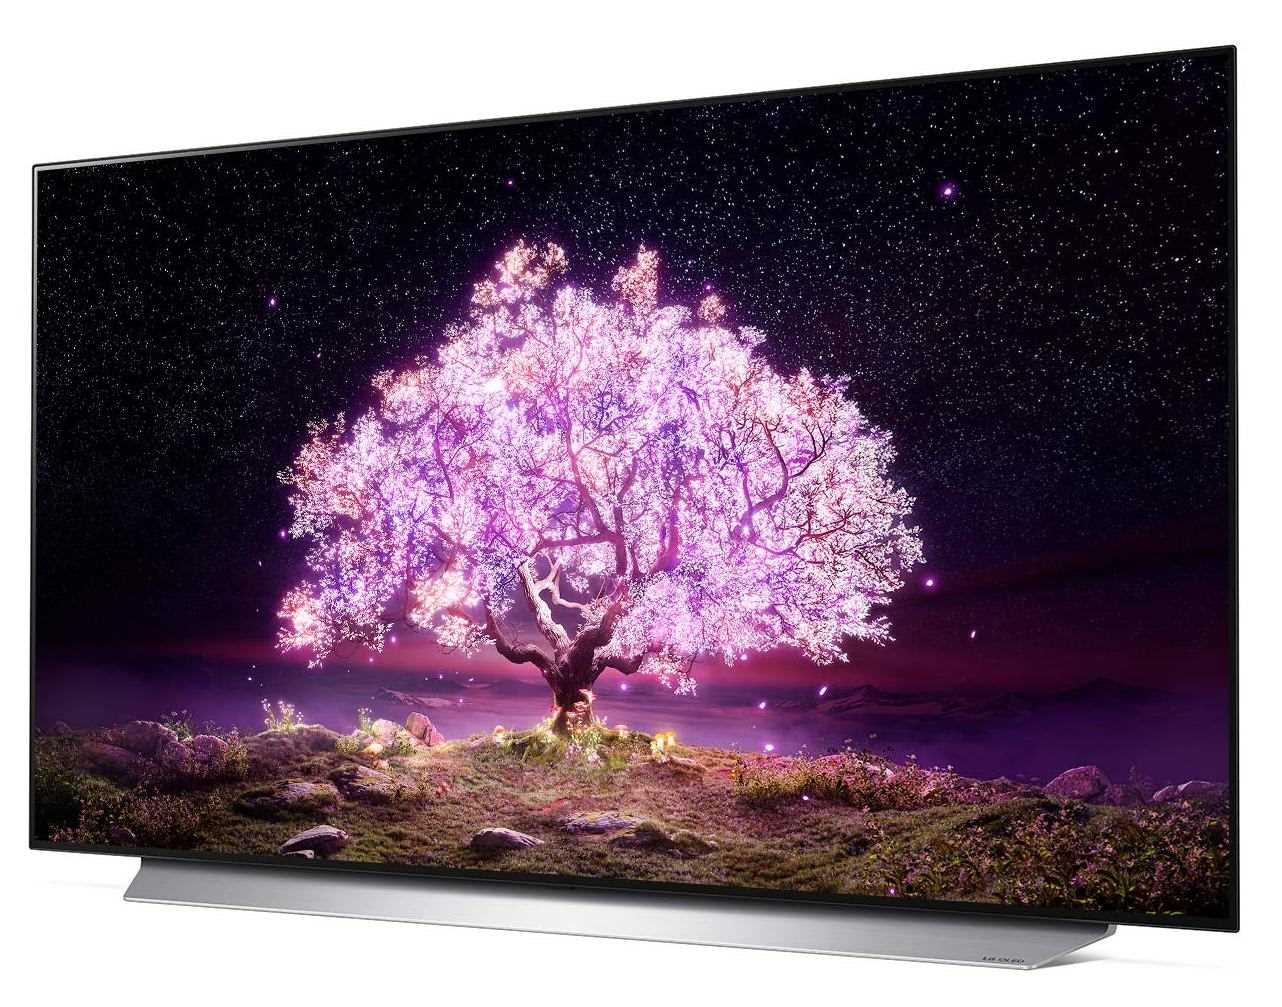 טלוויזיה 48 אינץ' דגם OLED 48C1PVB  בטכנולוגיית LG OLED 4K Ultra HD אל ג'י - תמונה 2